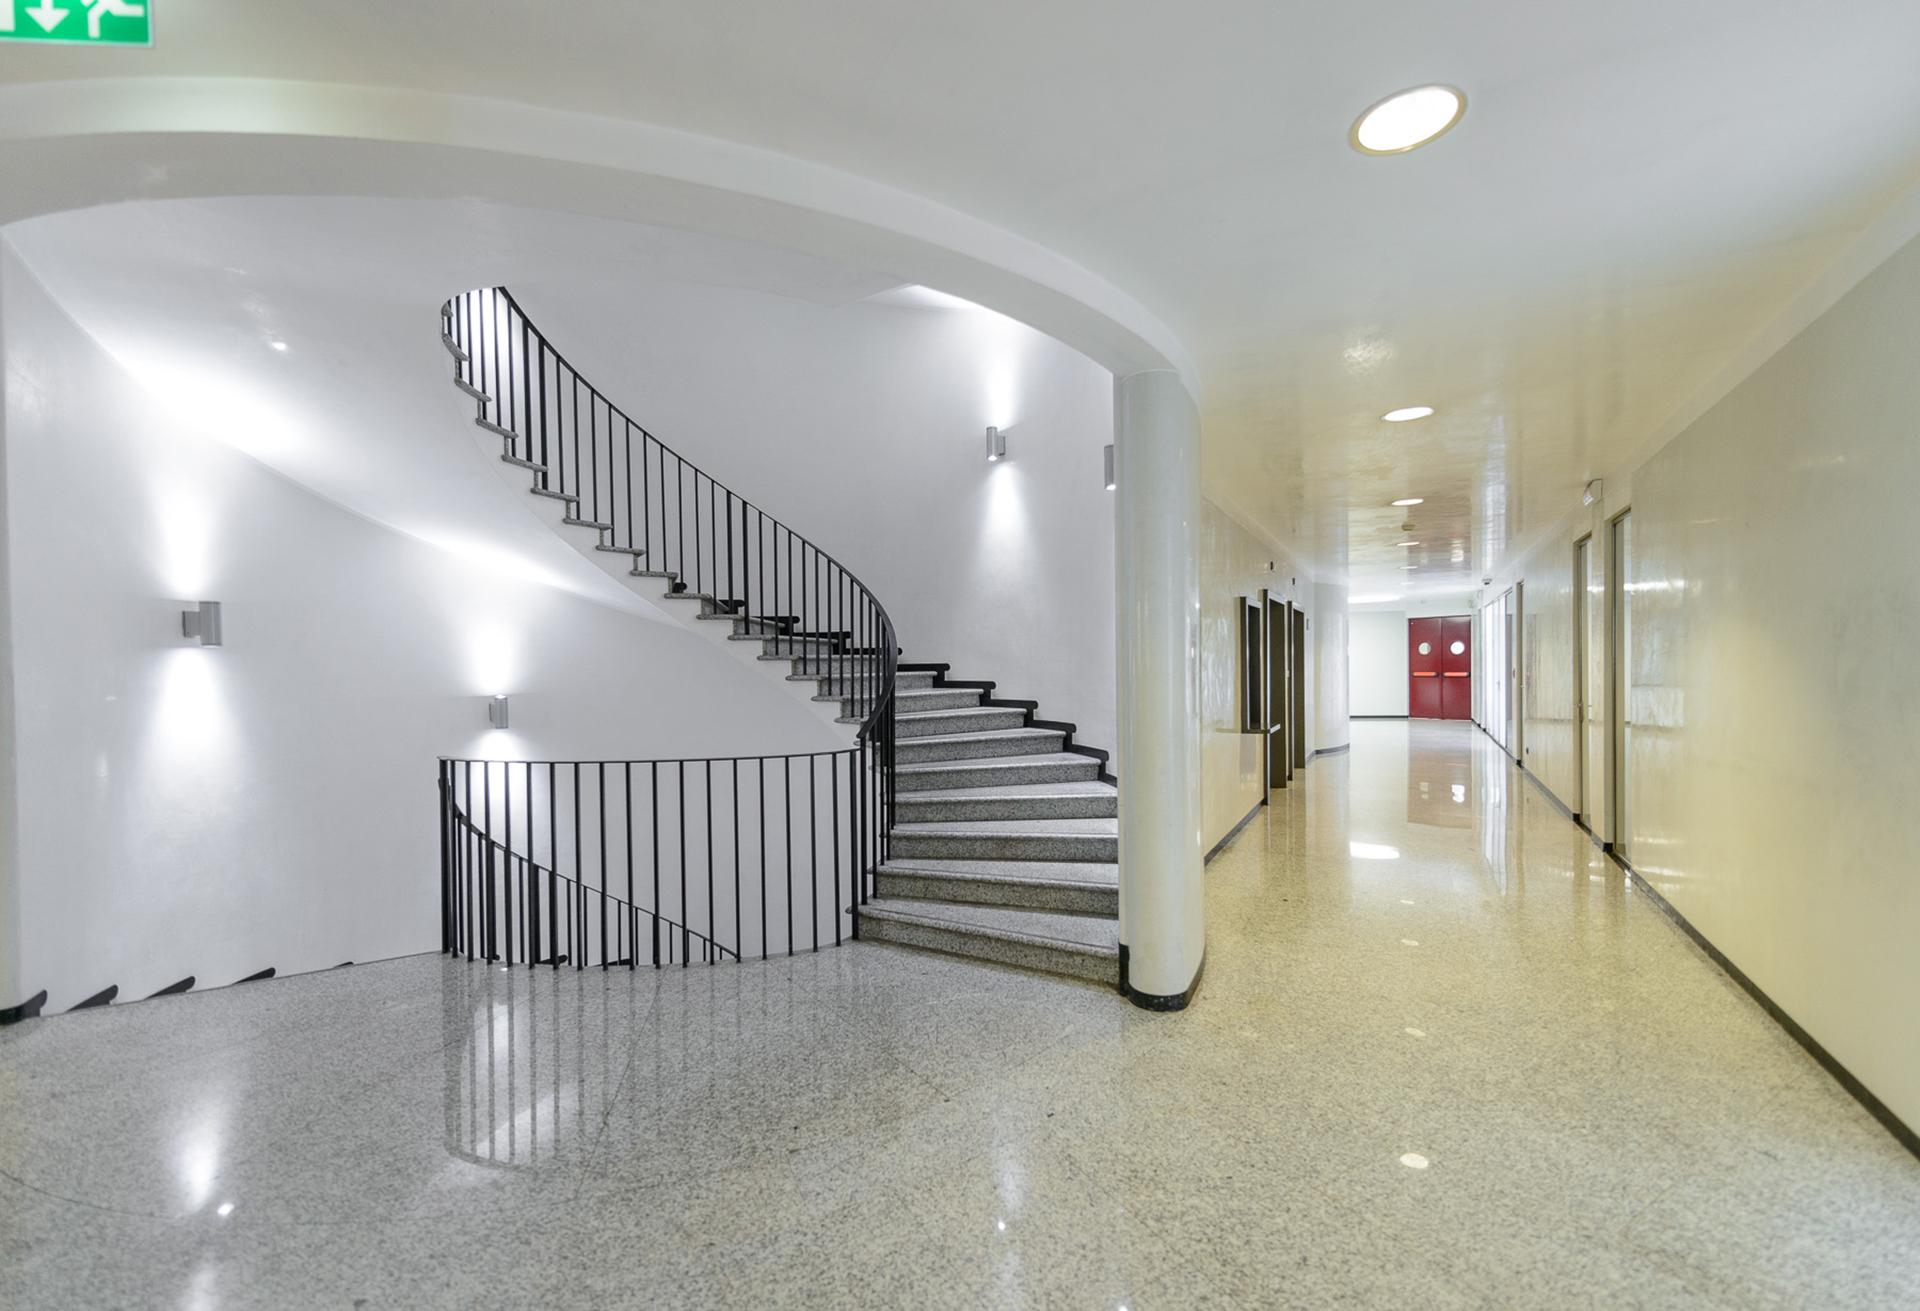 scale ingresso sede direzionale società assicurazione